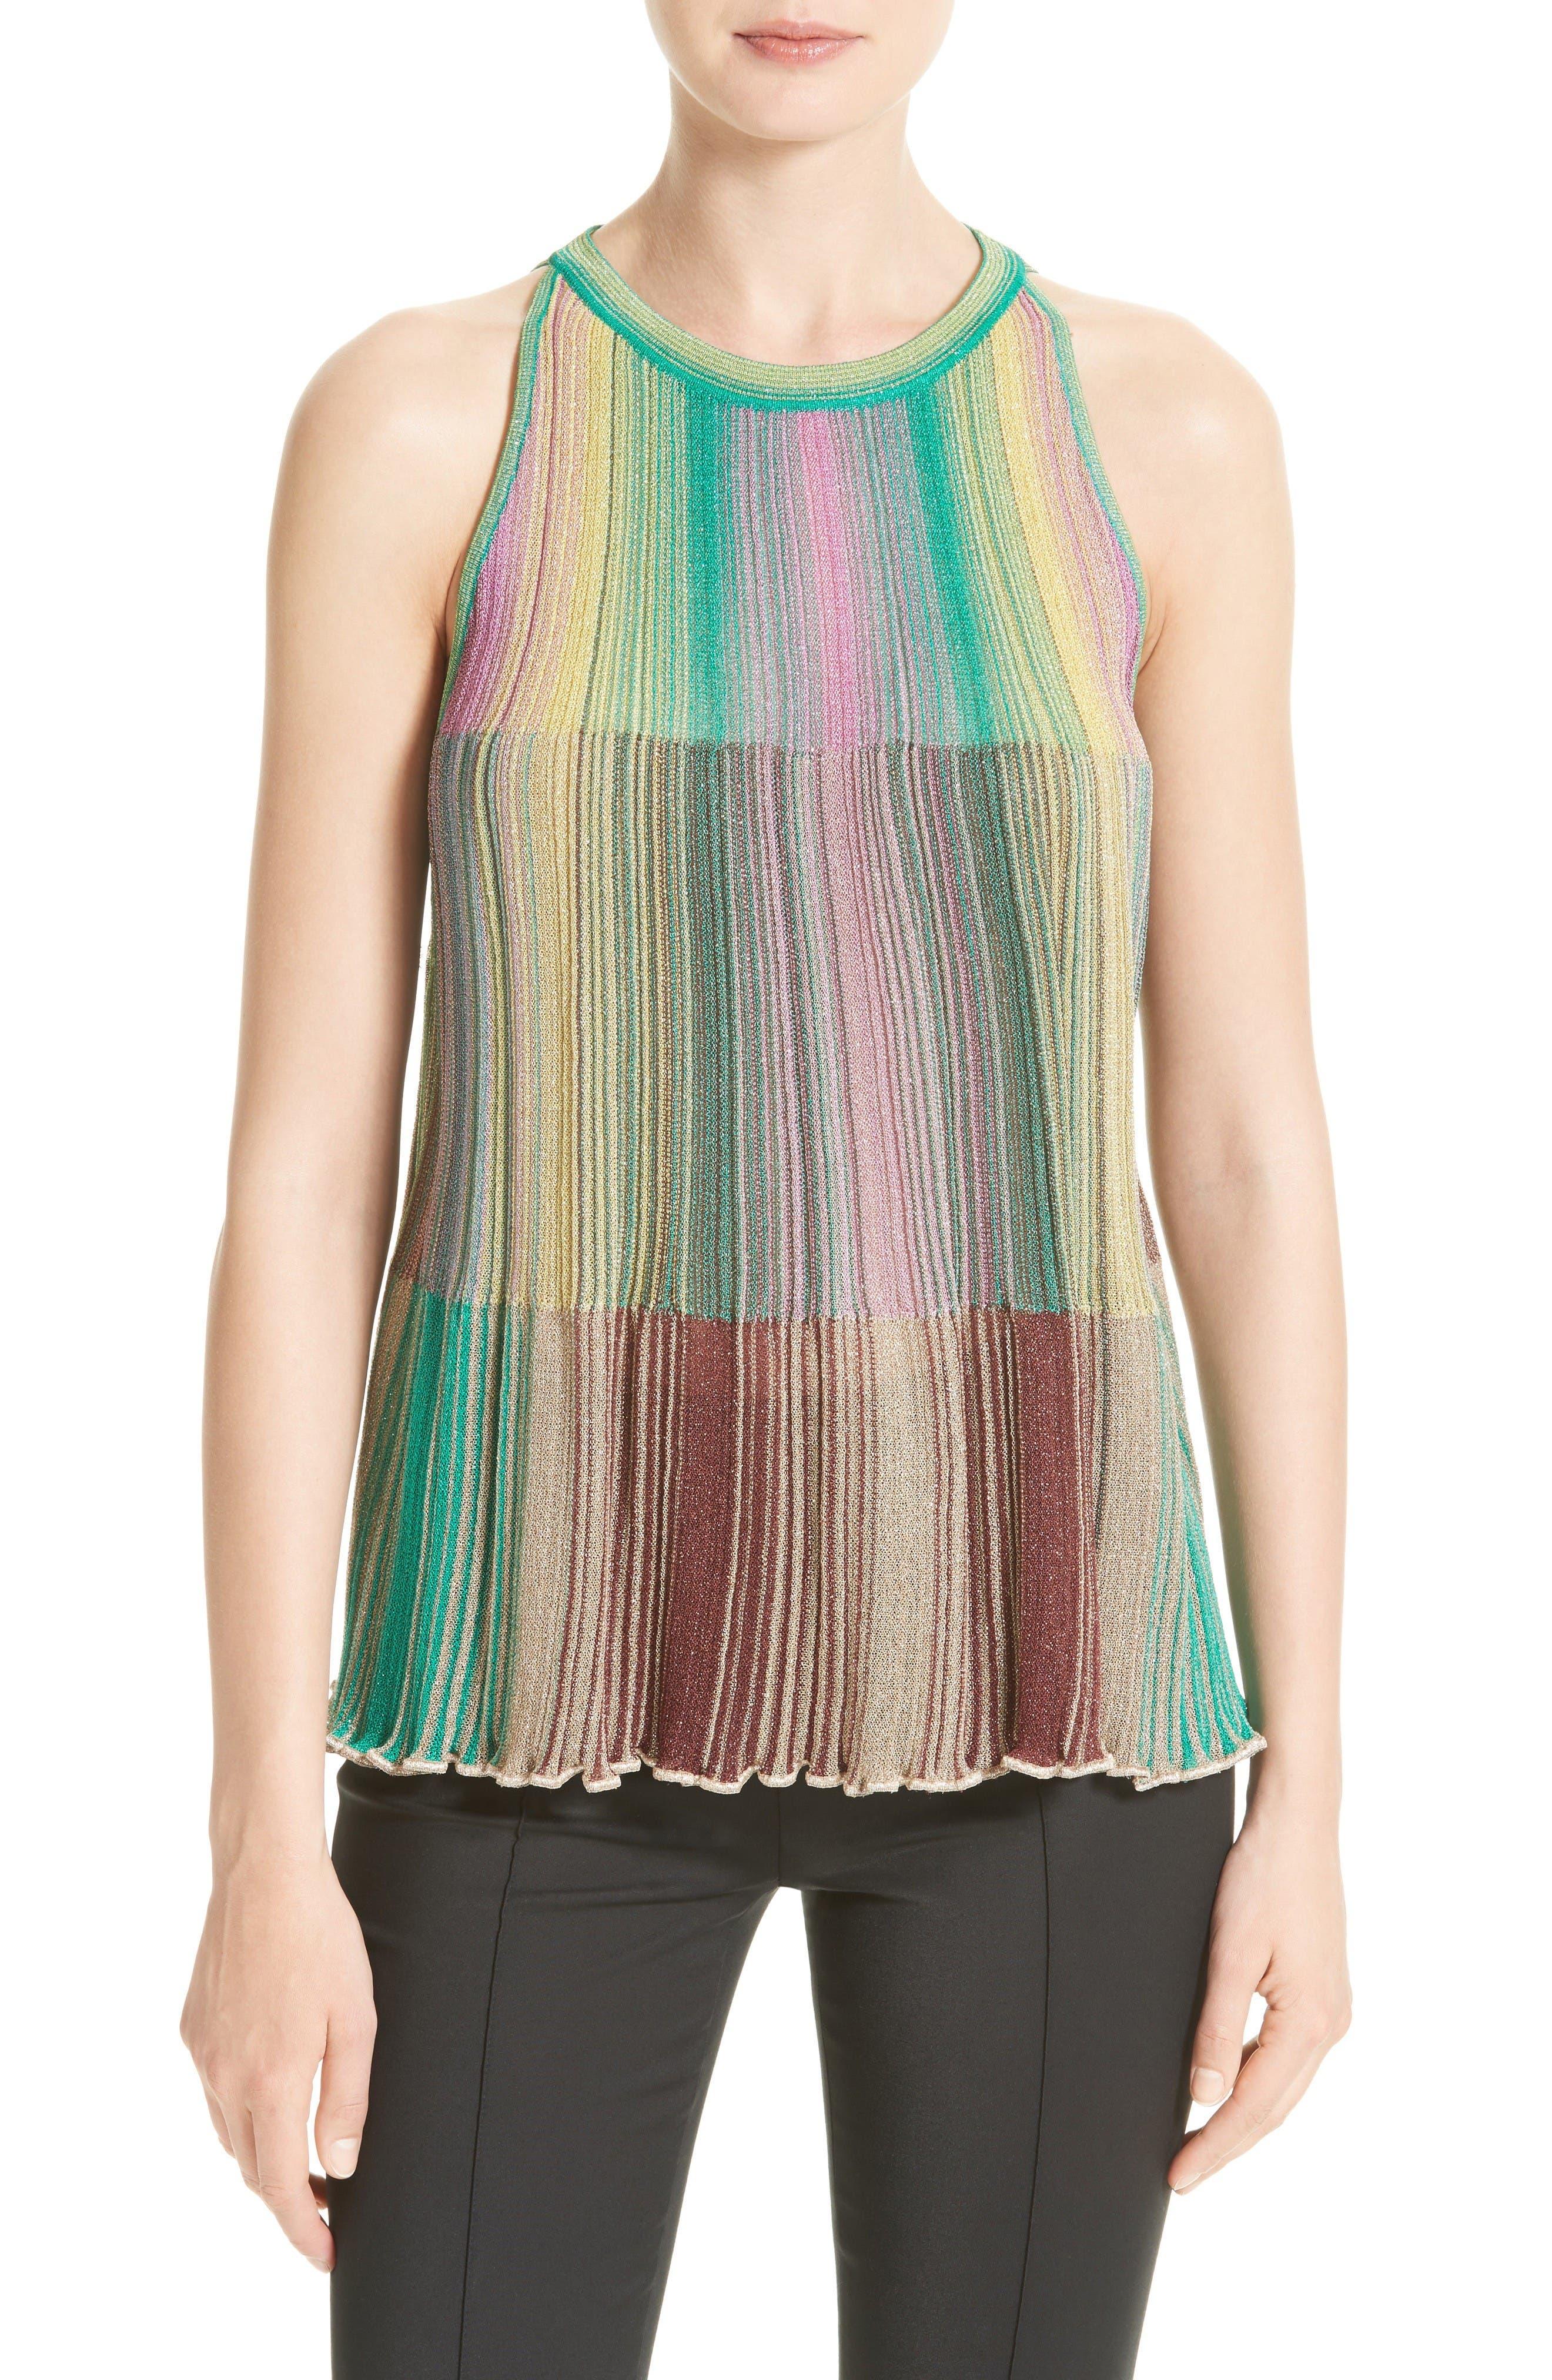 M MISSONI Multicolor Plissé Knit Top